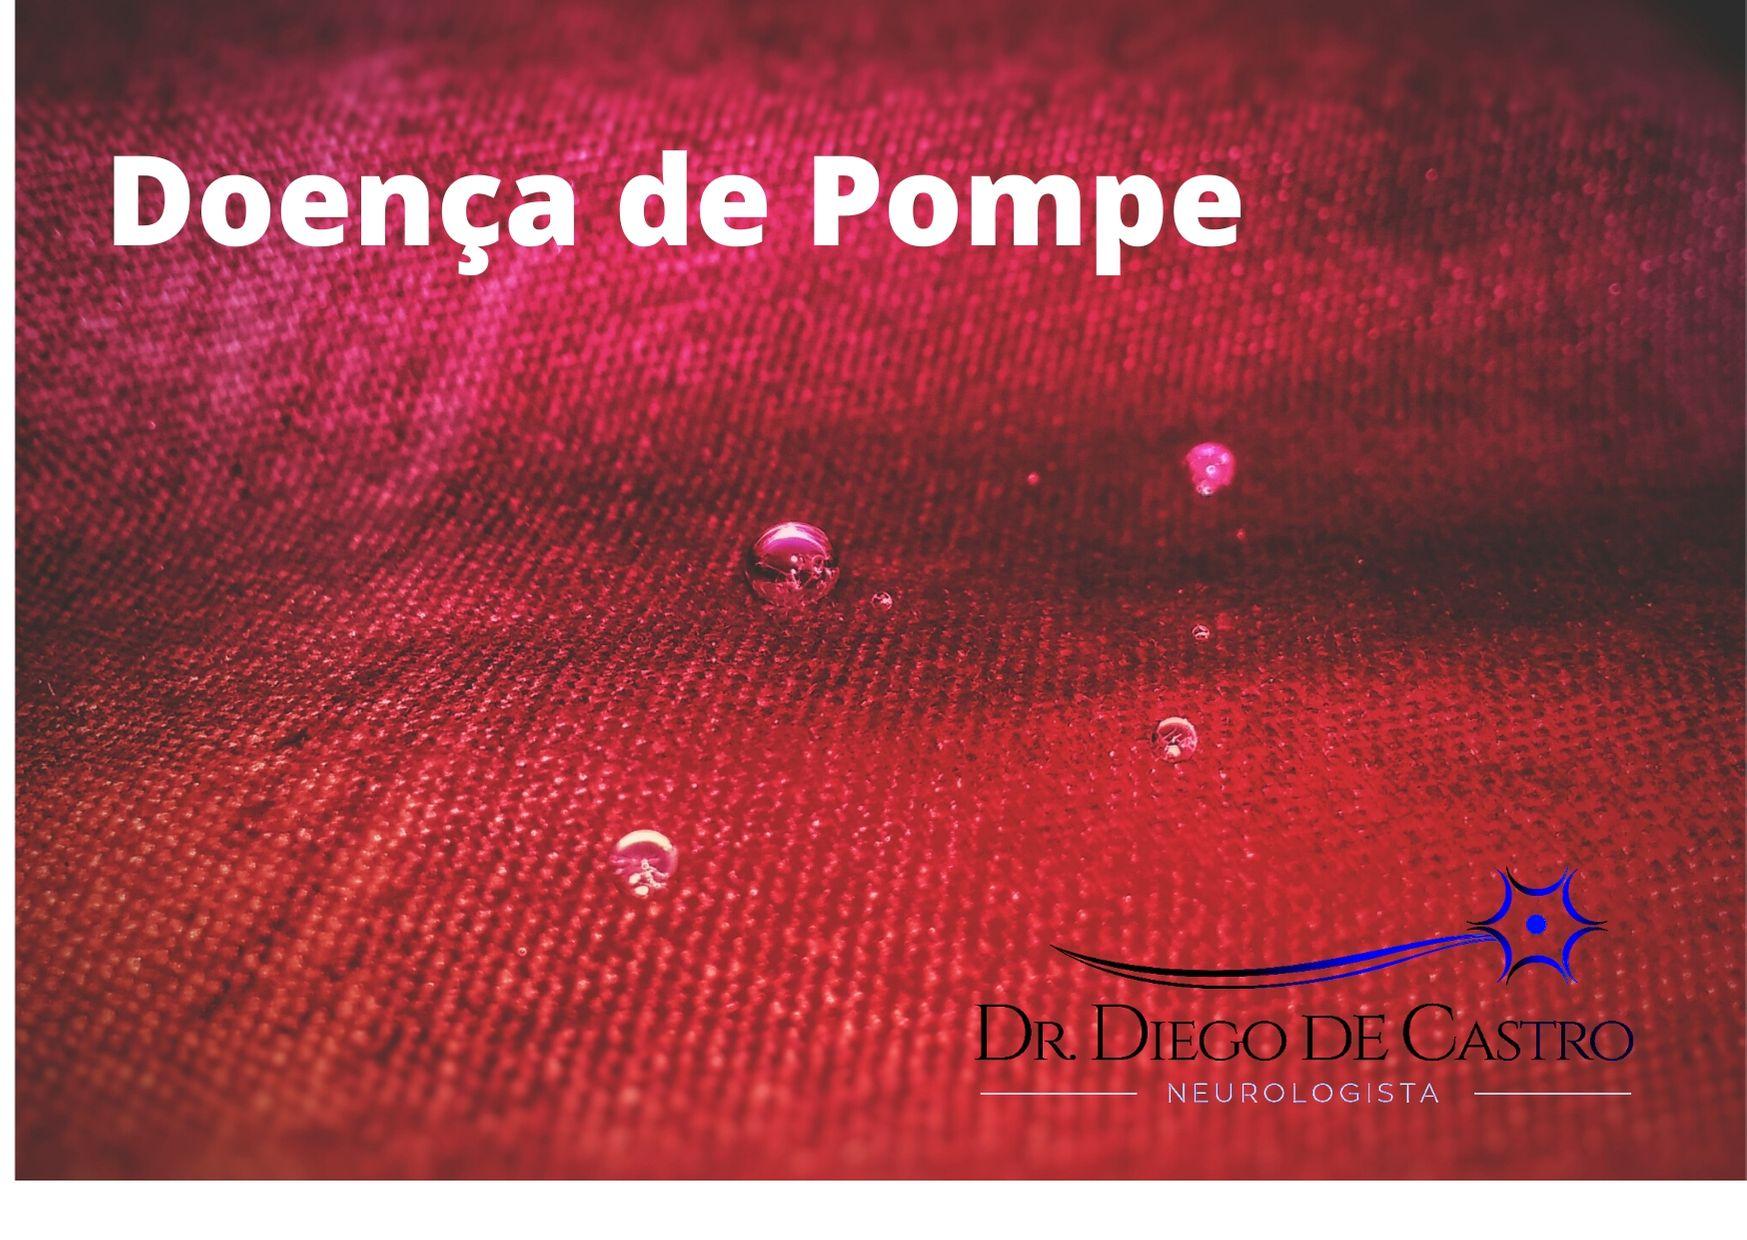 Doença de Pompe